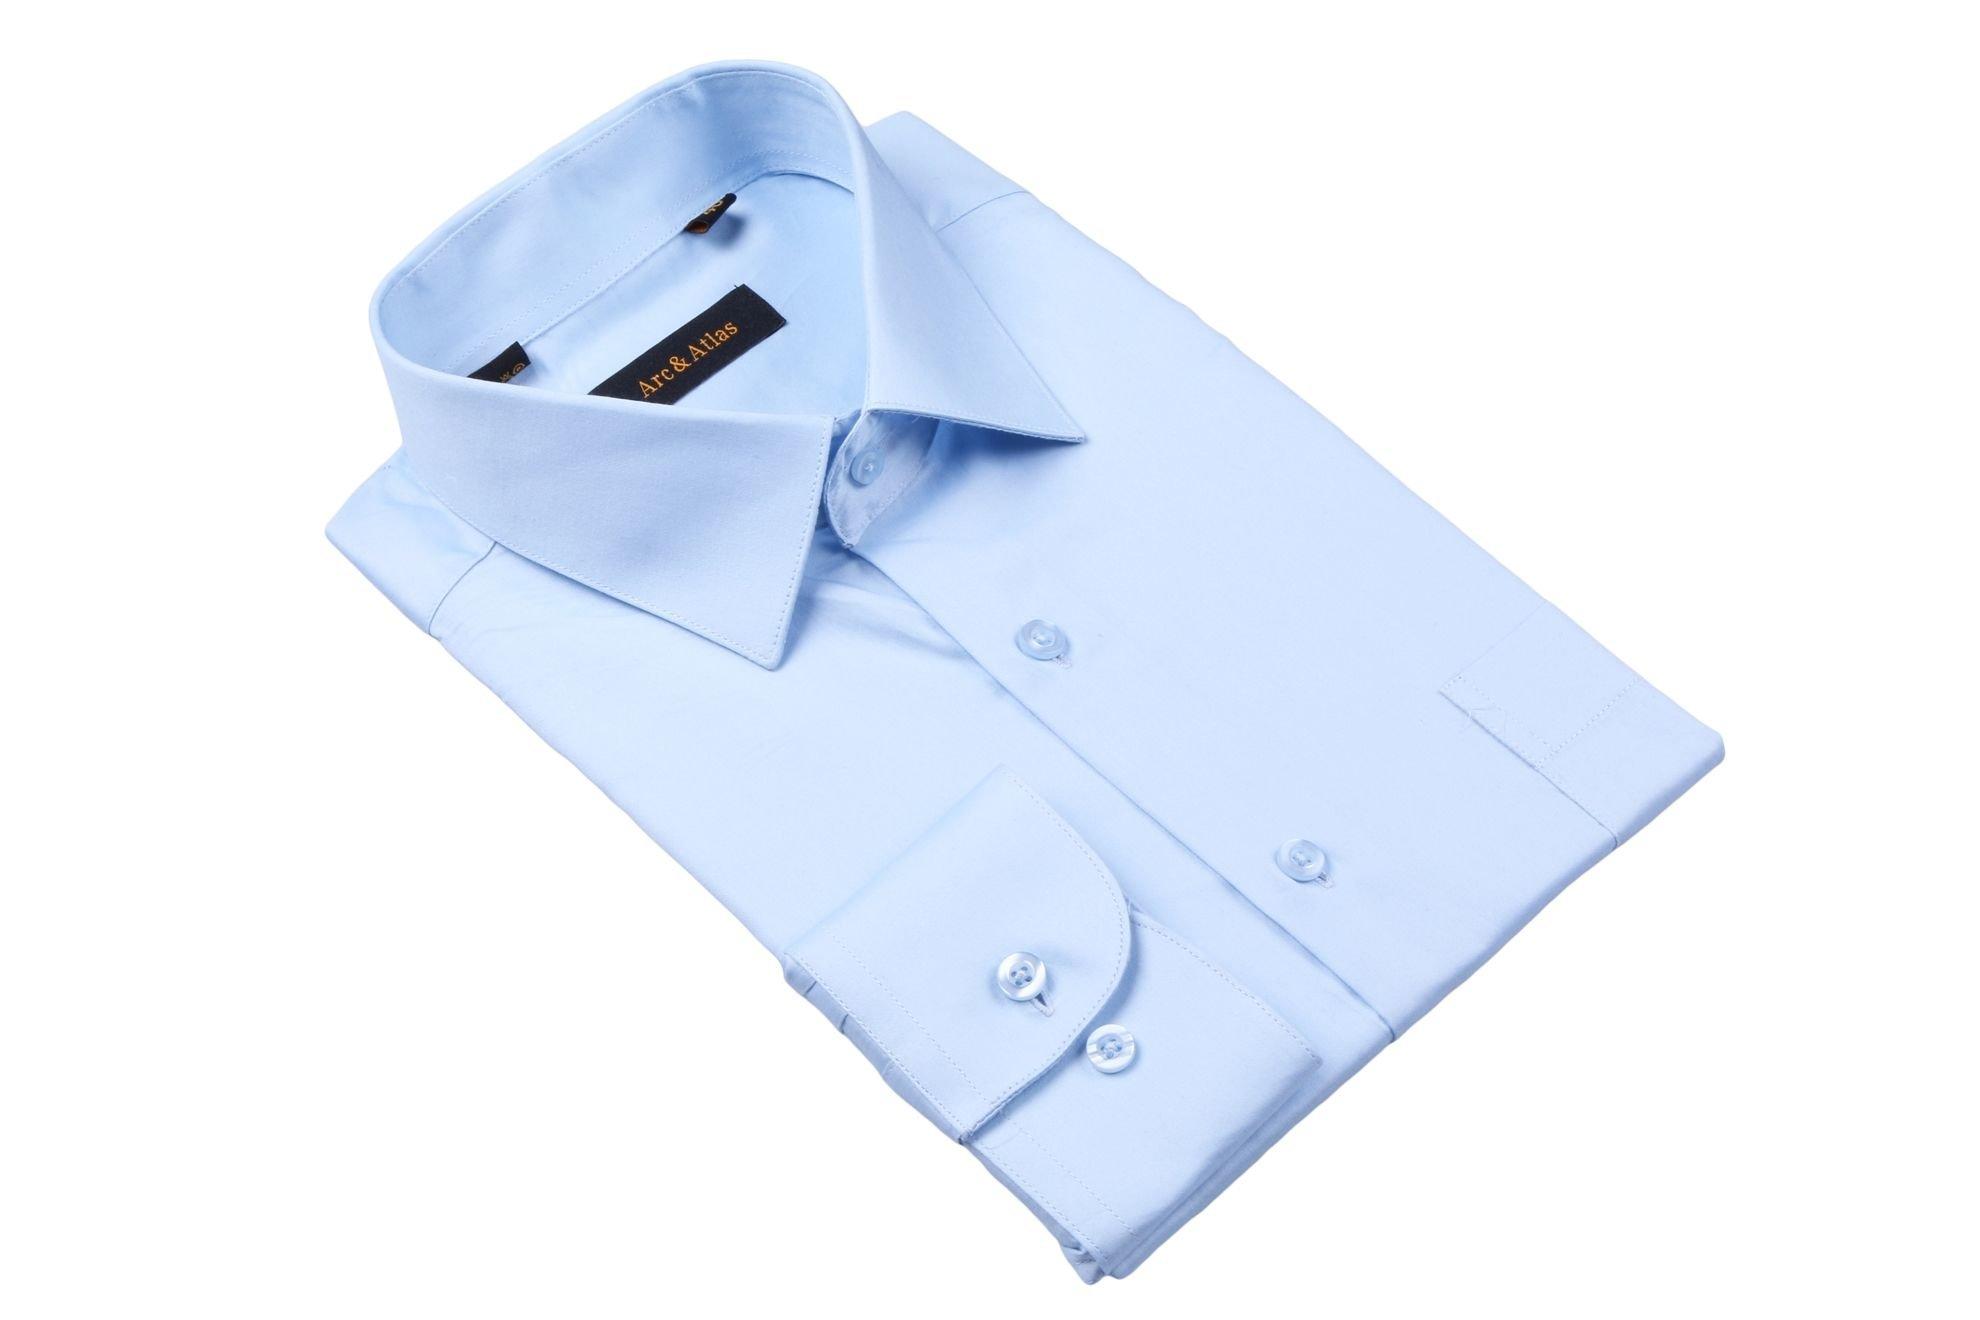 Рубашка мужская классика однотонная цвет голубой с длинным рукавом (Арт. OD-003)